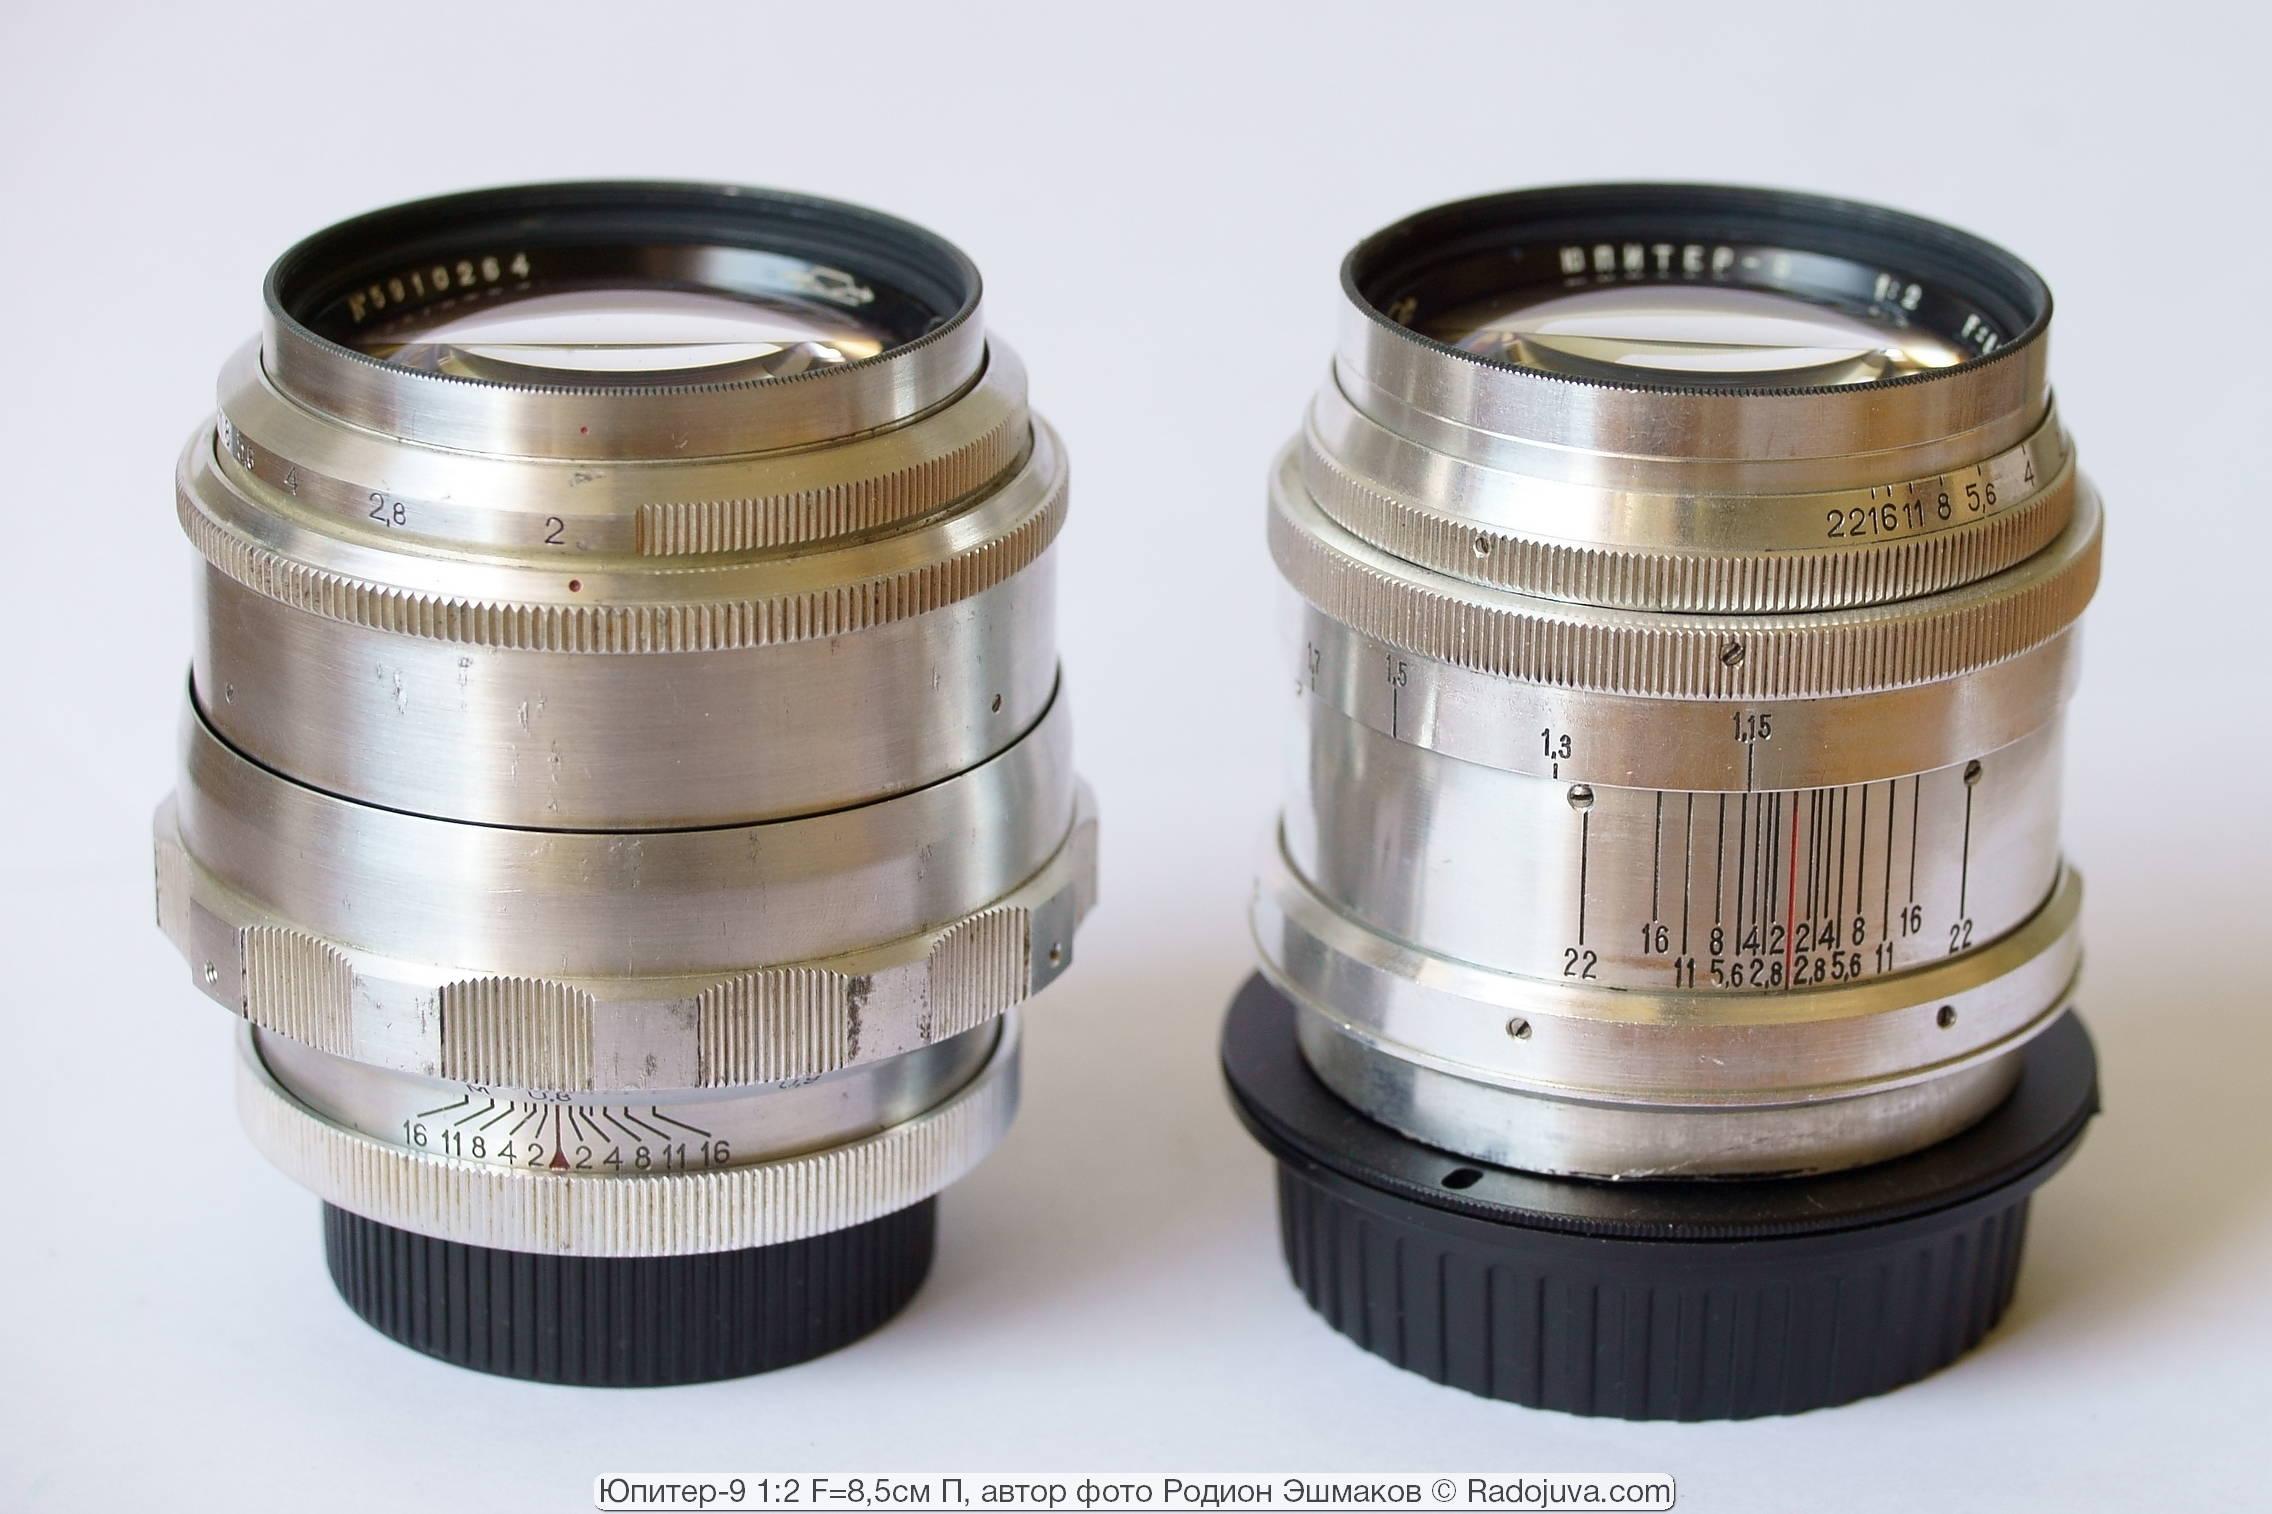 Два Юпитер-9 1959 г.: для камер «Зенит» (слева) и для камер Киев, адаптированный для зеркалок (справа). Установка геликоида на МДФ.